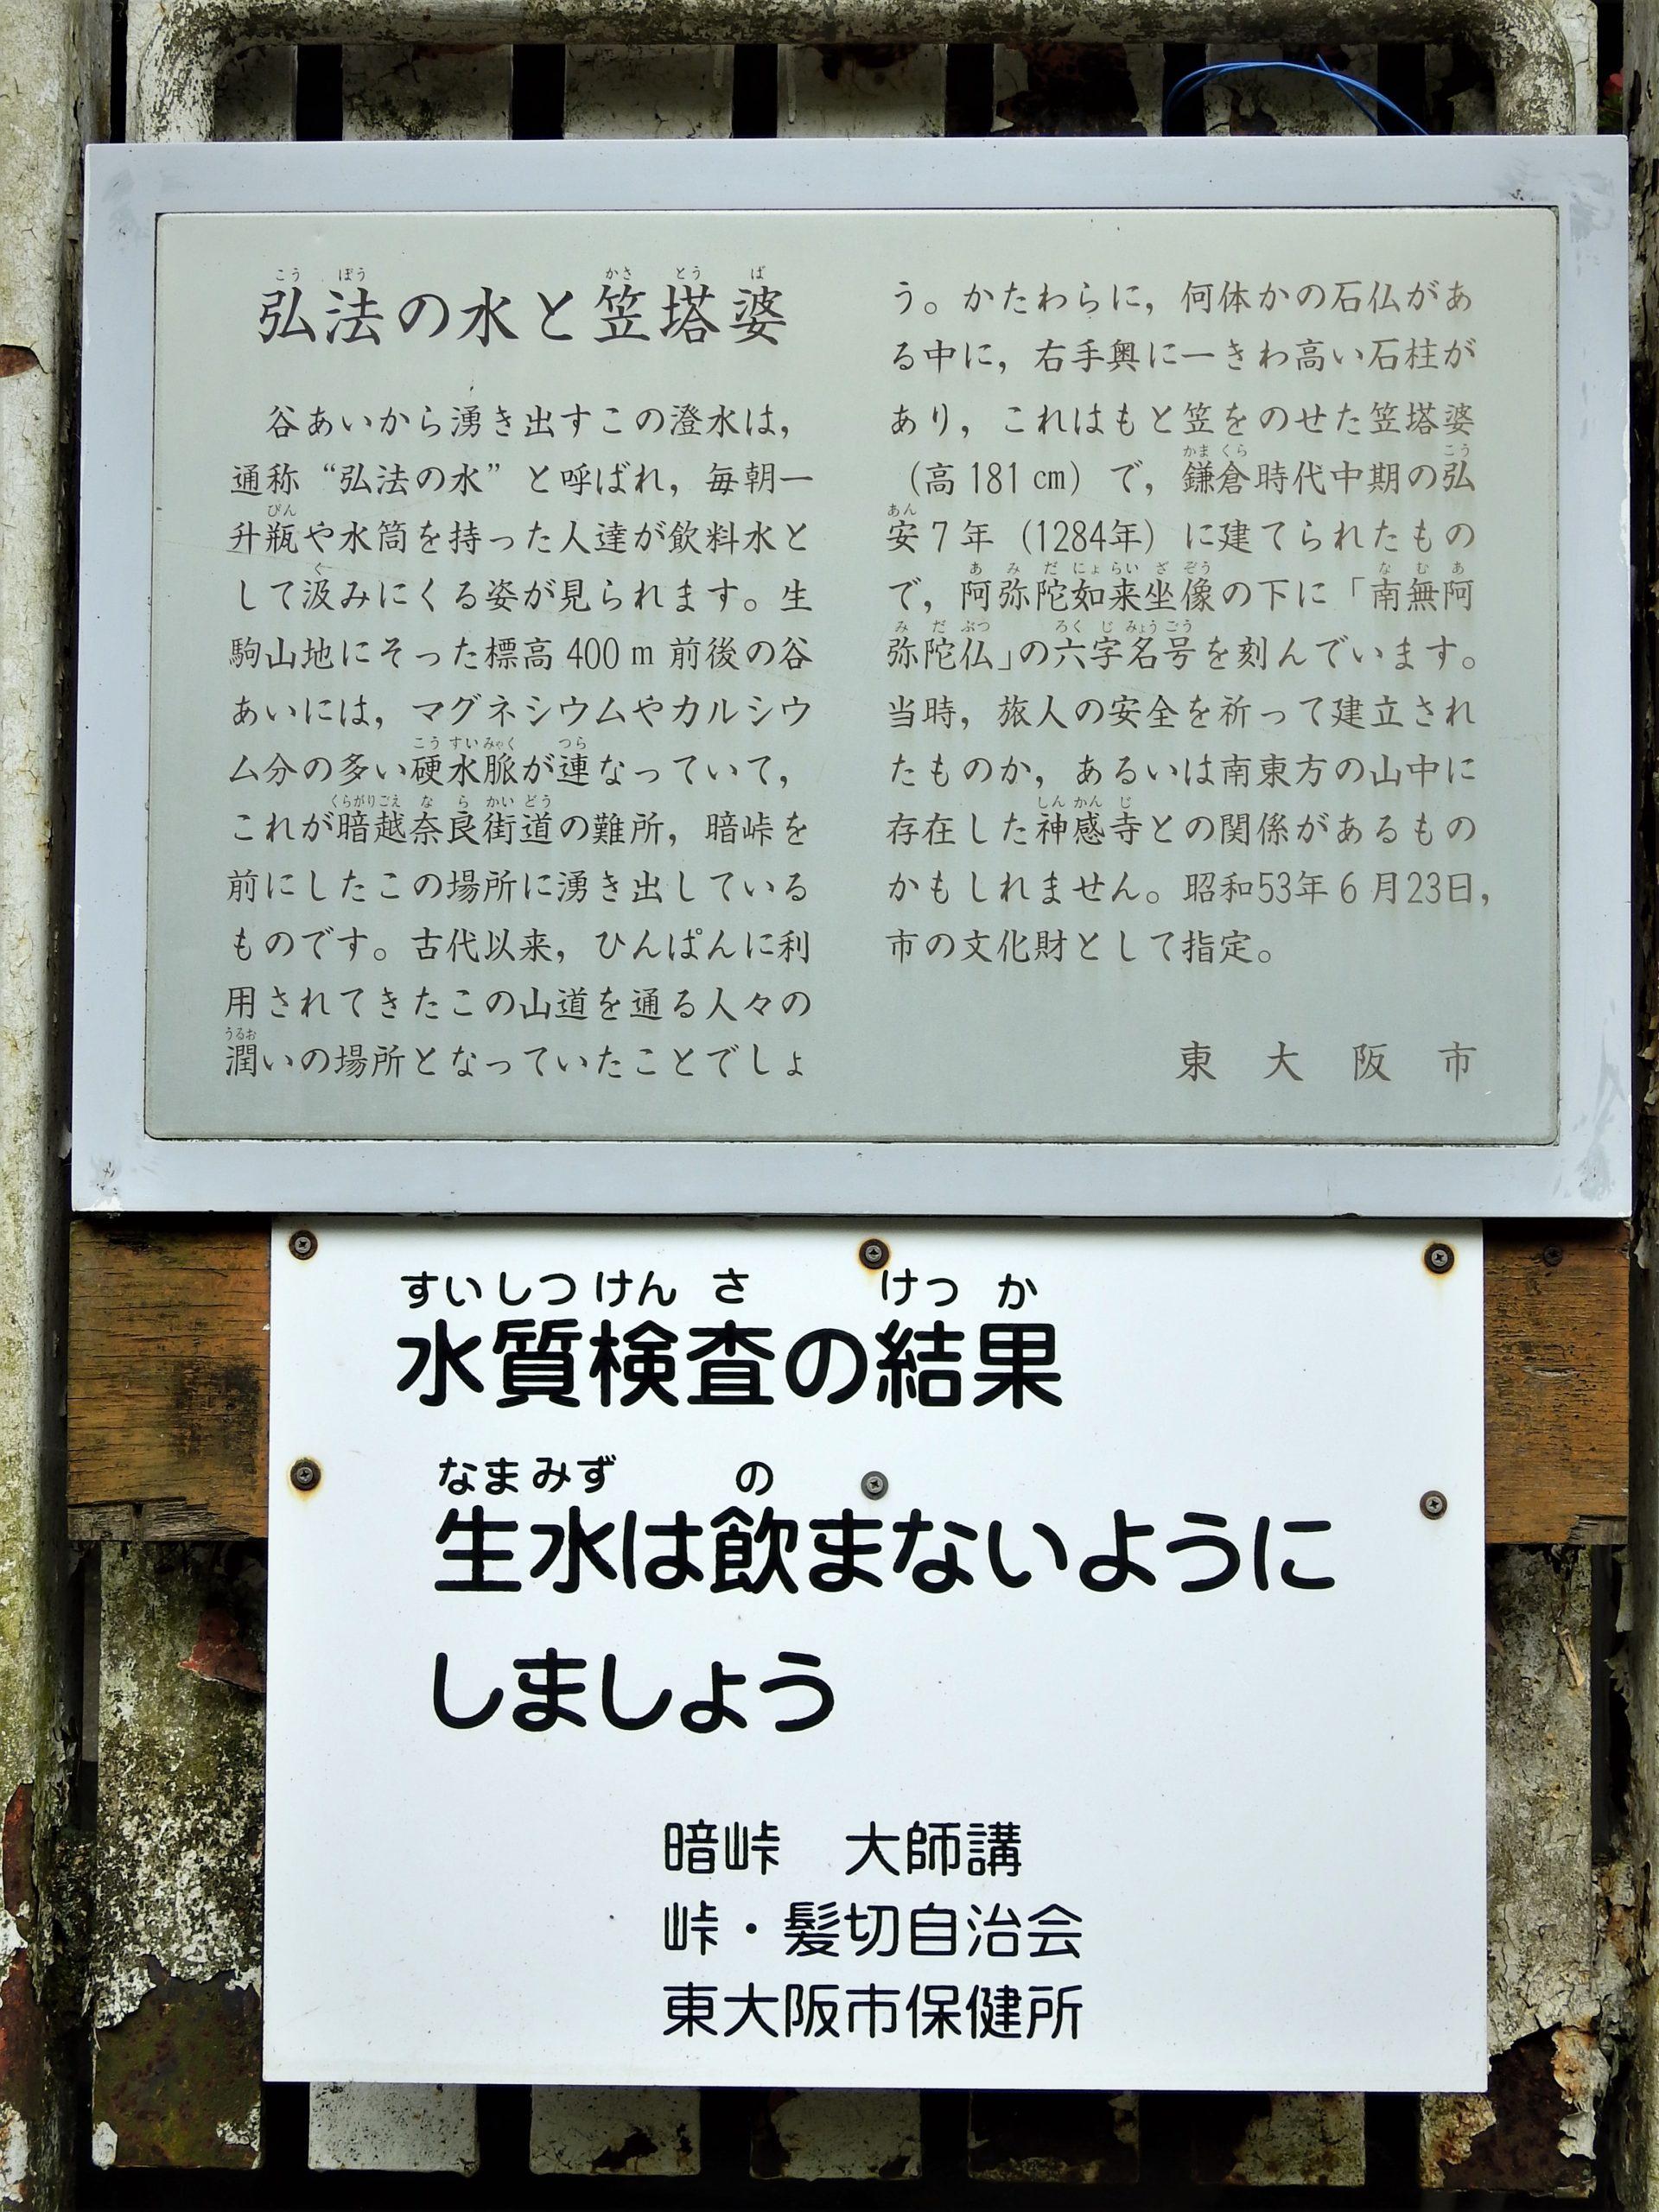 大阪府 暗峠